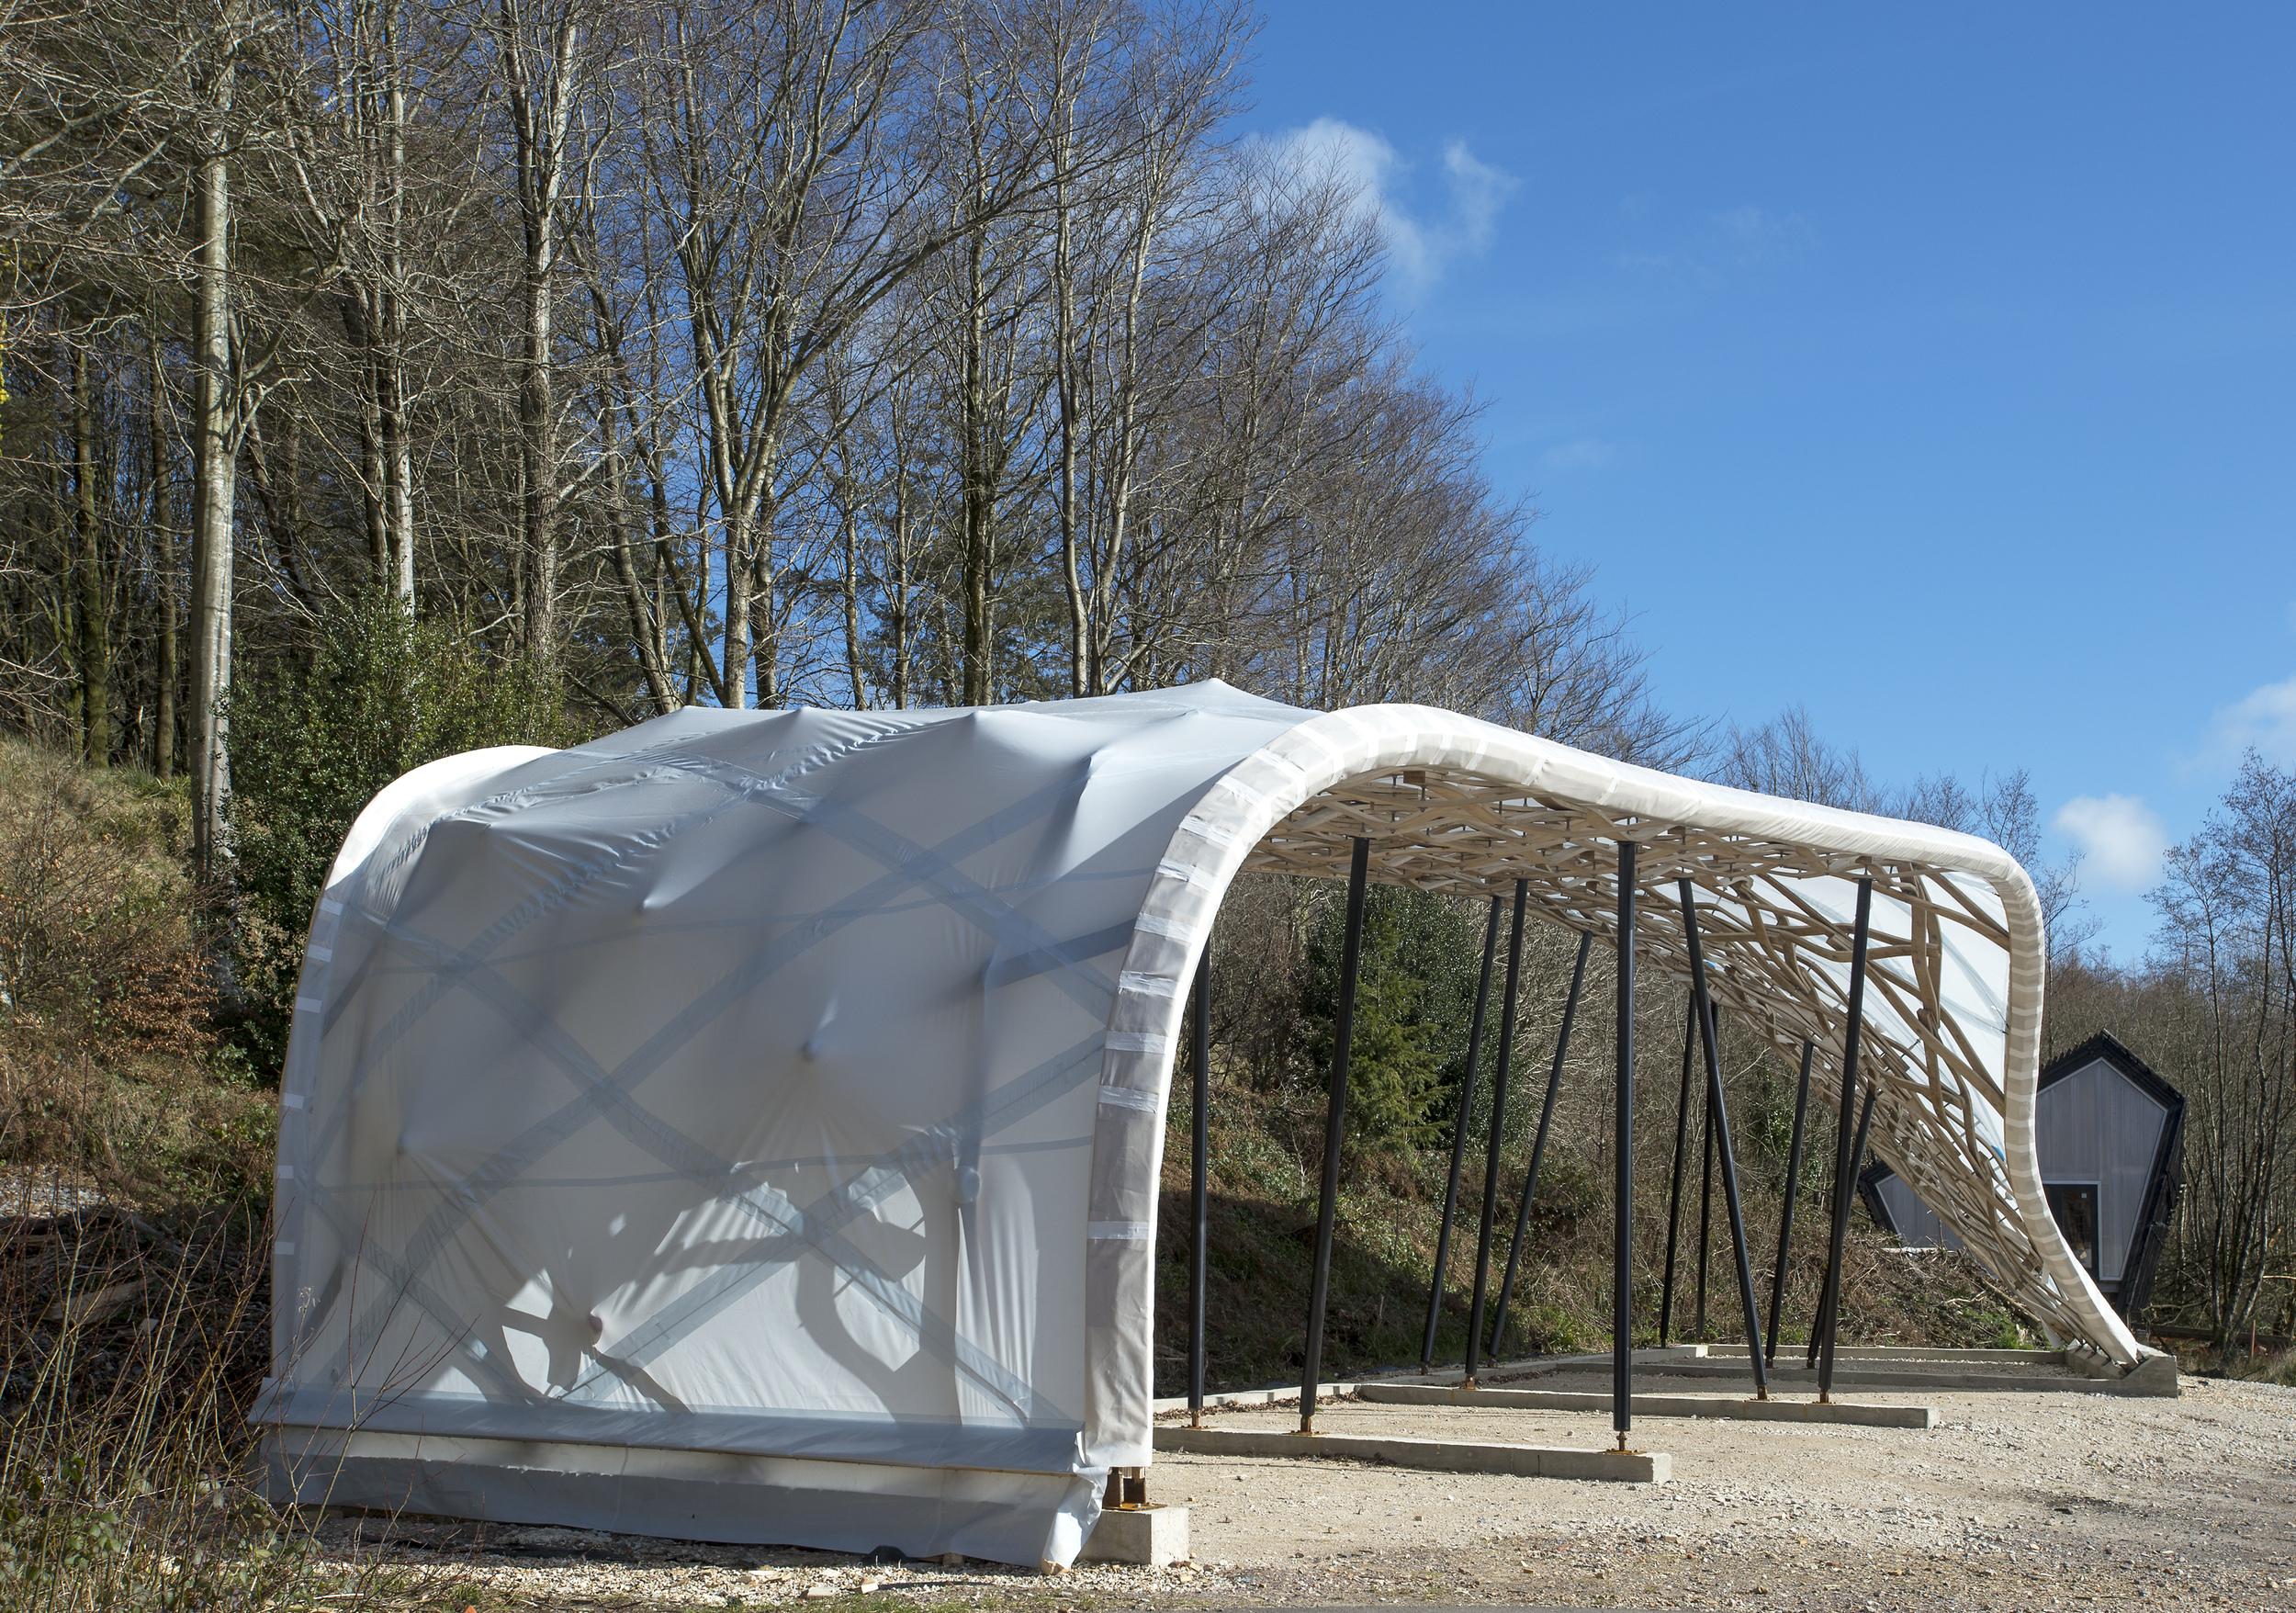 Hooke_Park_Design_&_Make_Timber_Seasoning_Shelter_©Valerie_Bennett_2014_02_22_0106.jpg